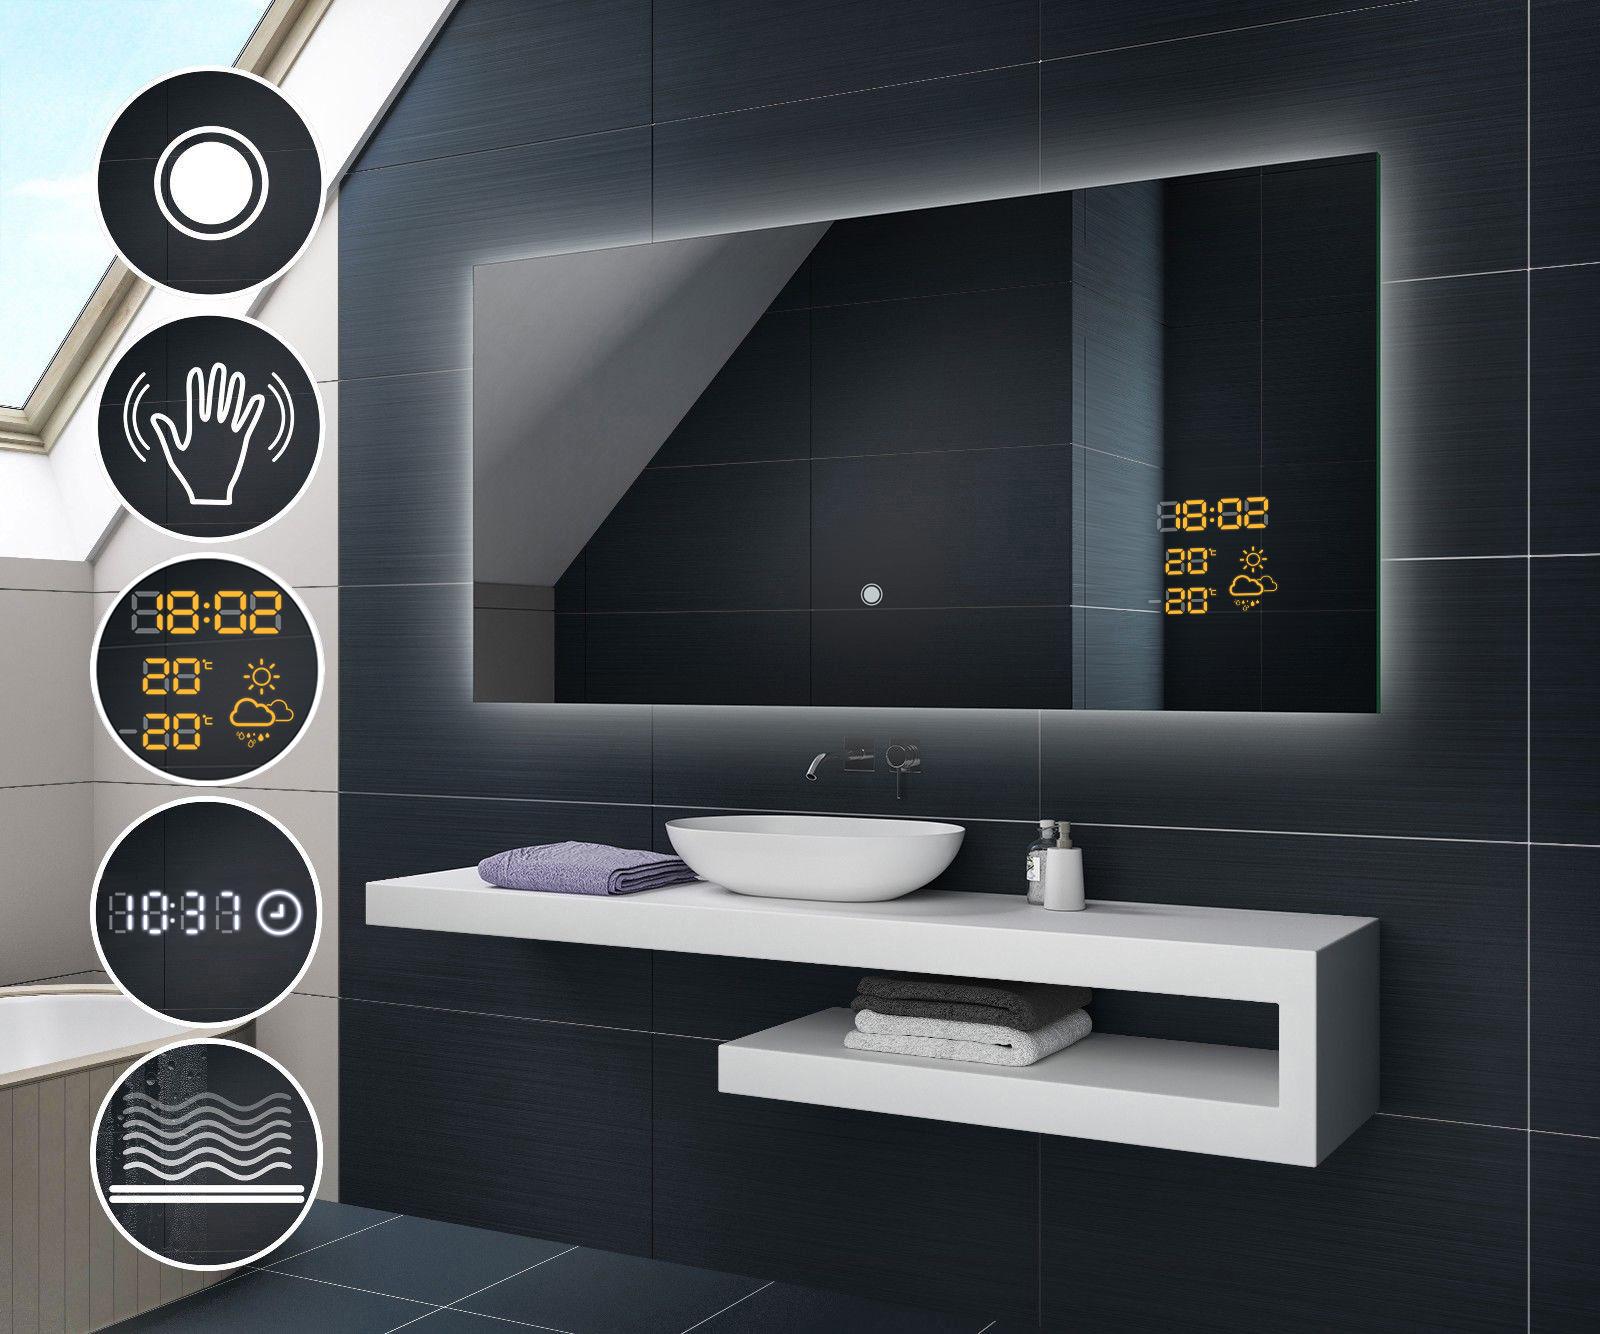 badspiegel mit led beleuchtung schalter wetterstation. Black Bedroom Furniture Sets. Home Design Ideas